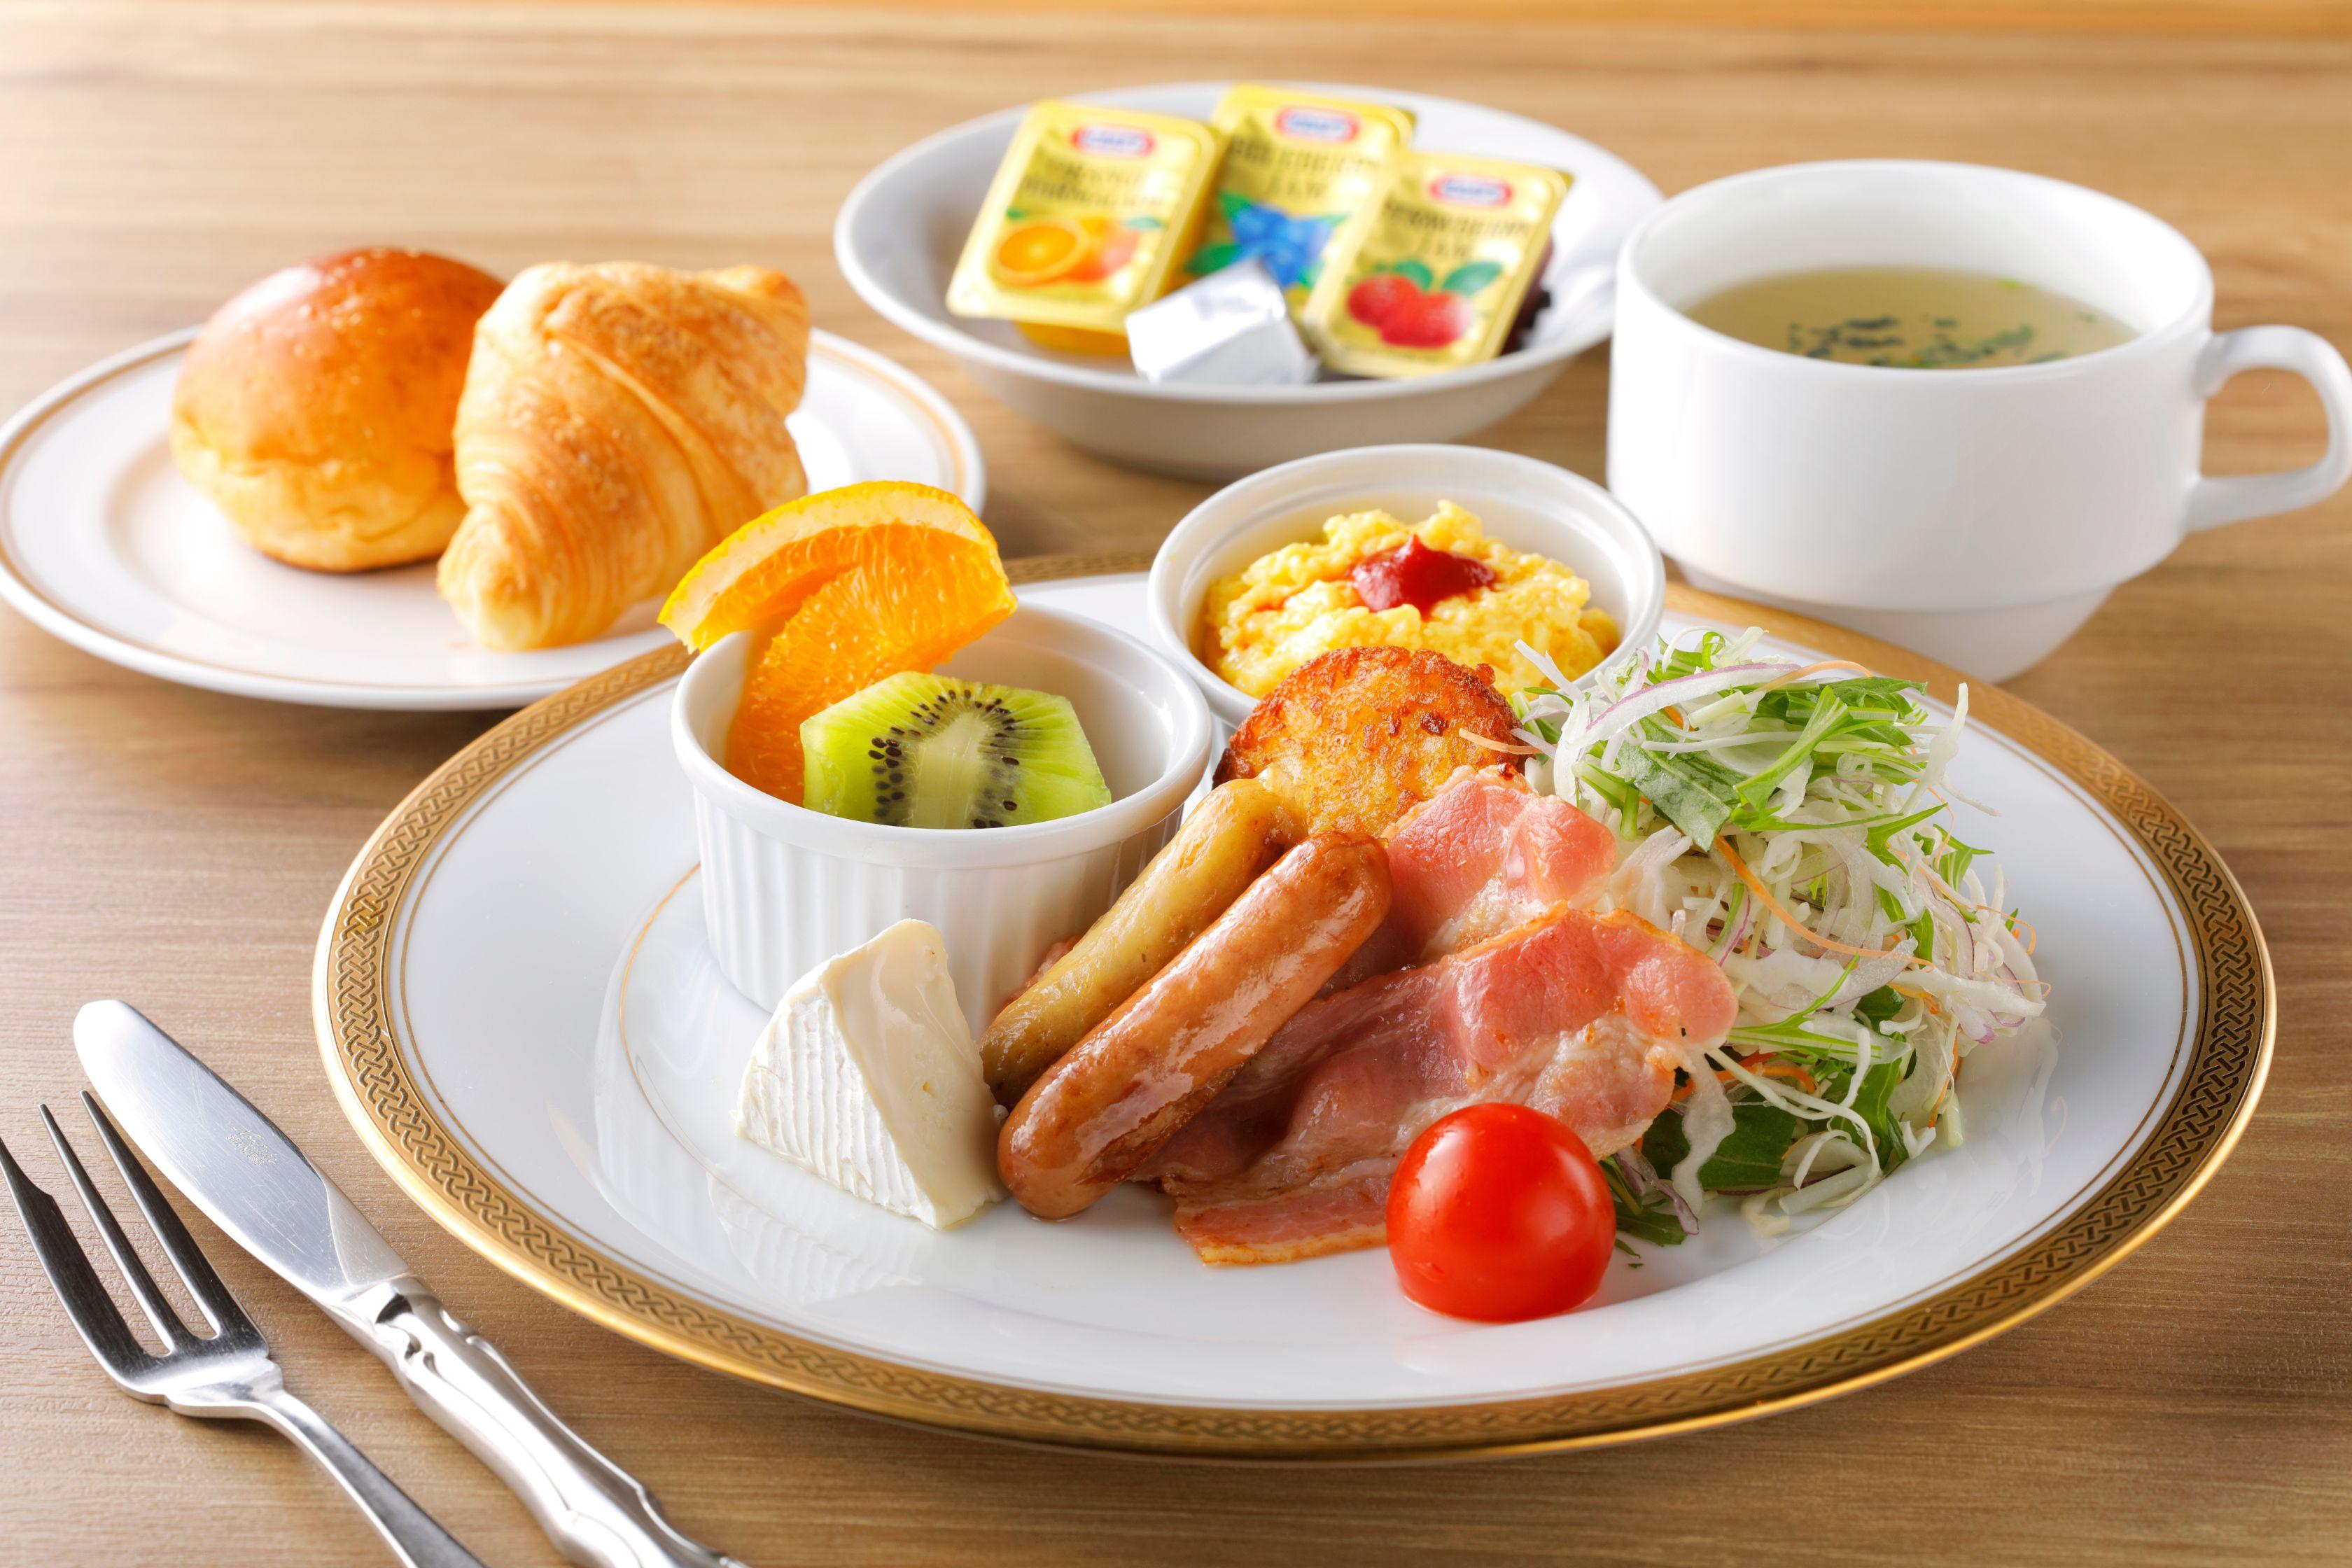 BreakfastW